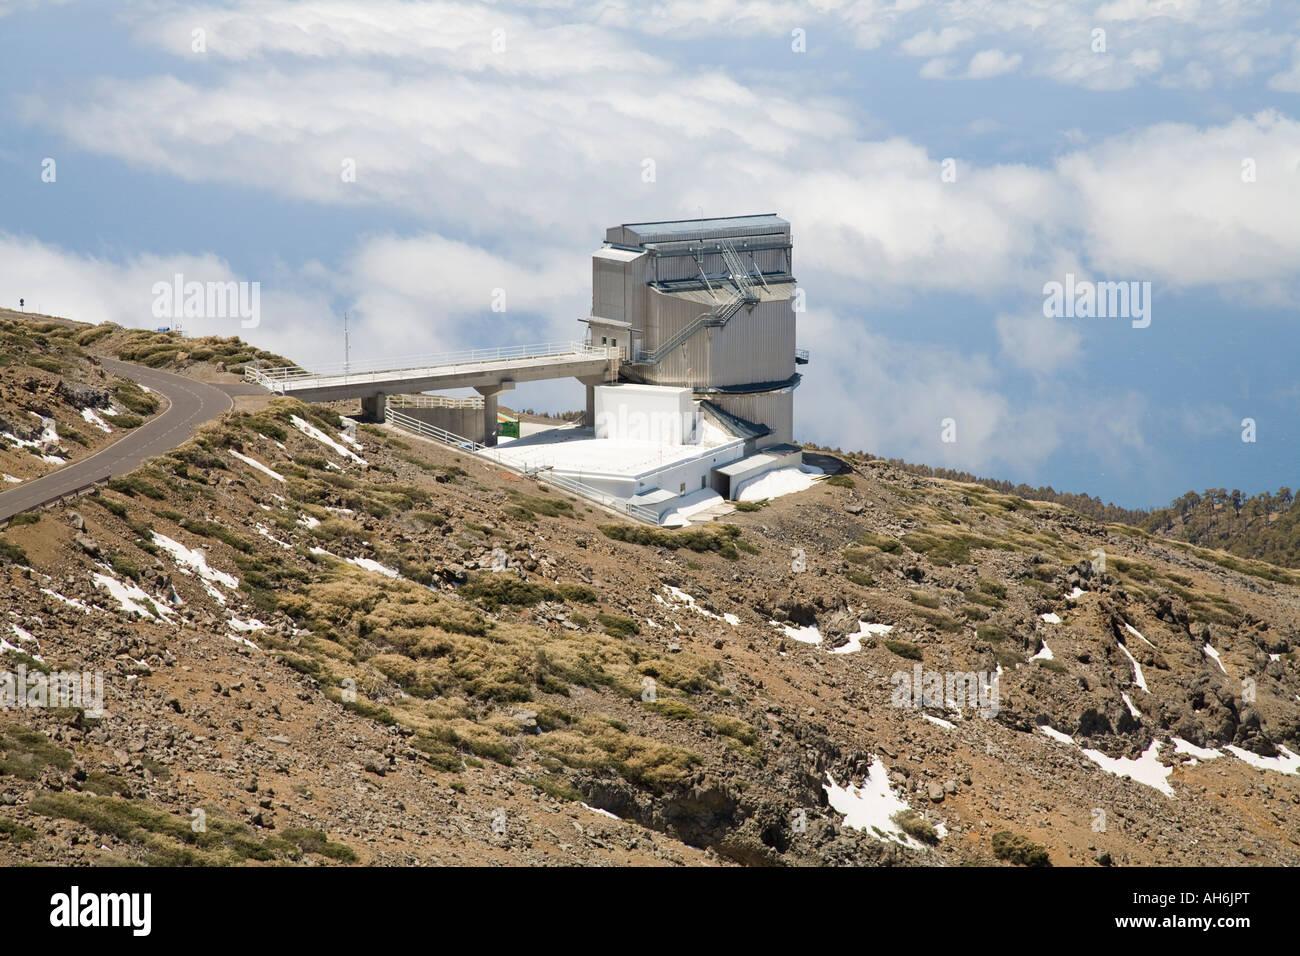 Galileo teleskop stockfotos & galileo teleskop bilder alamy